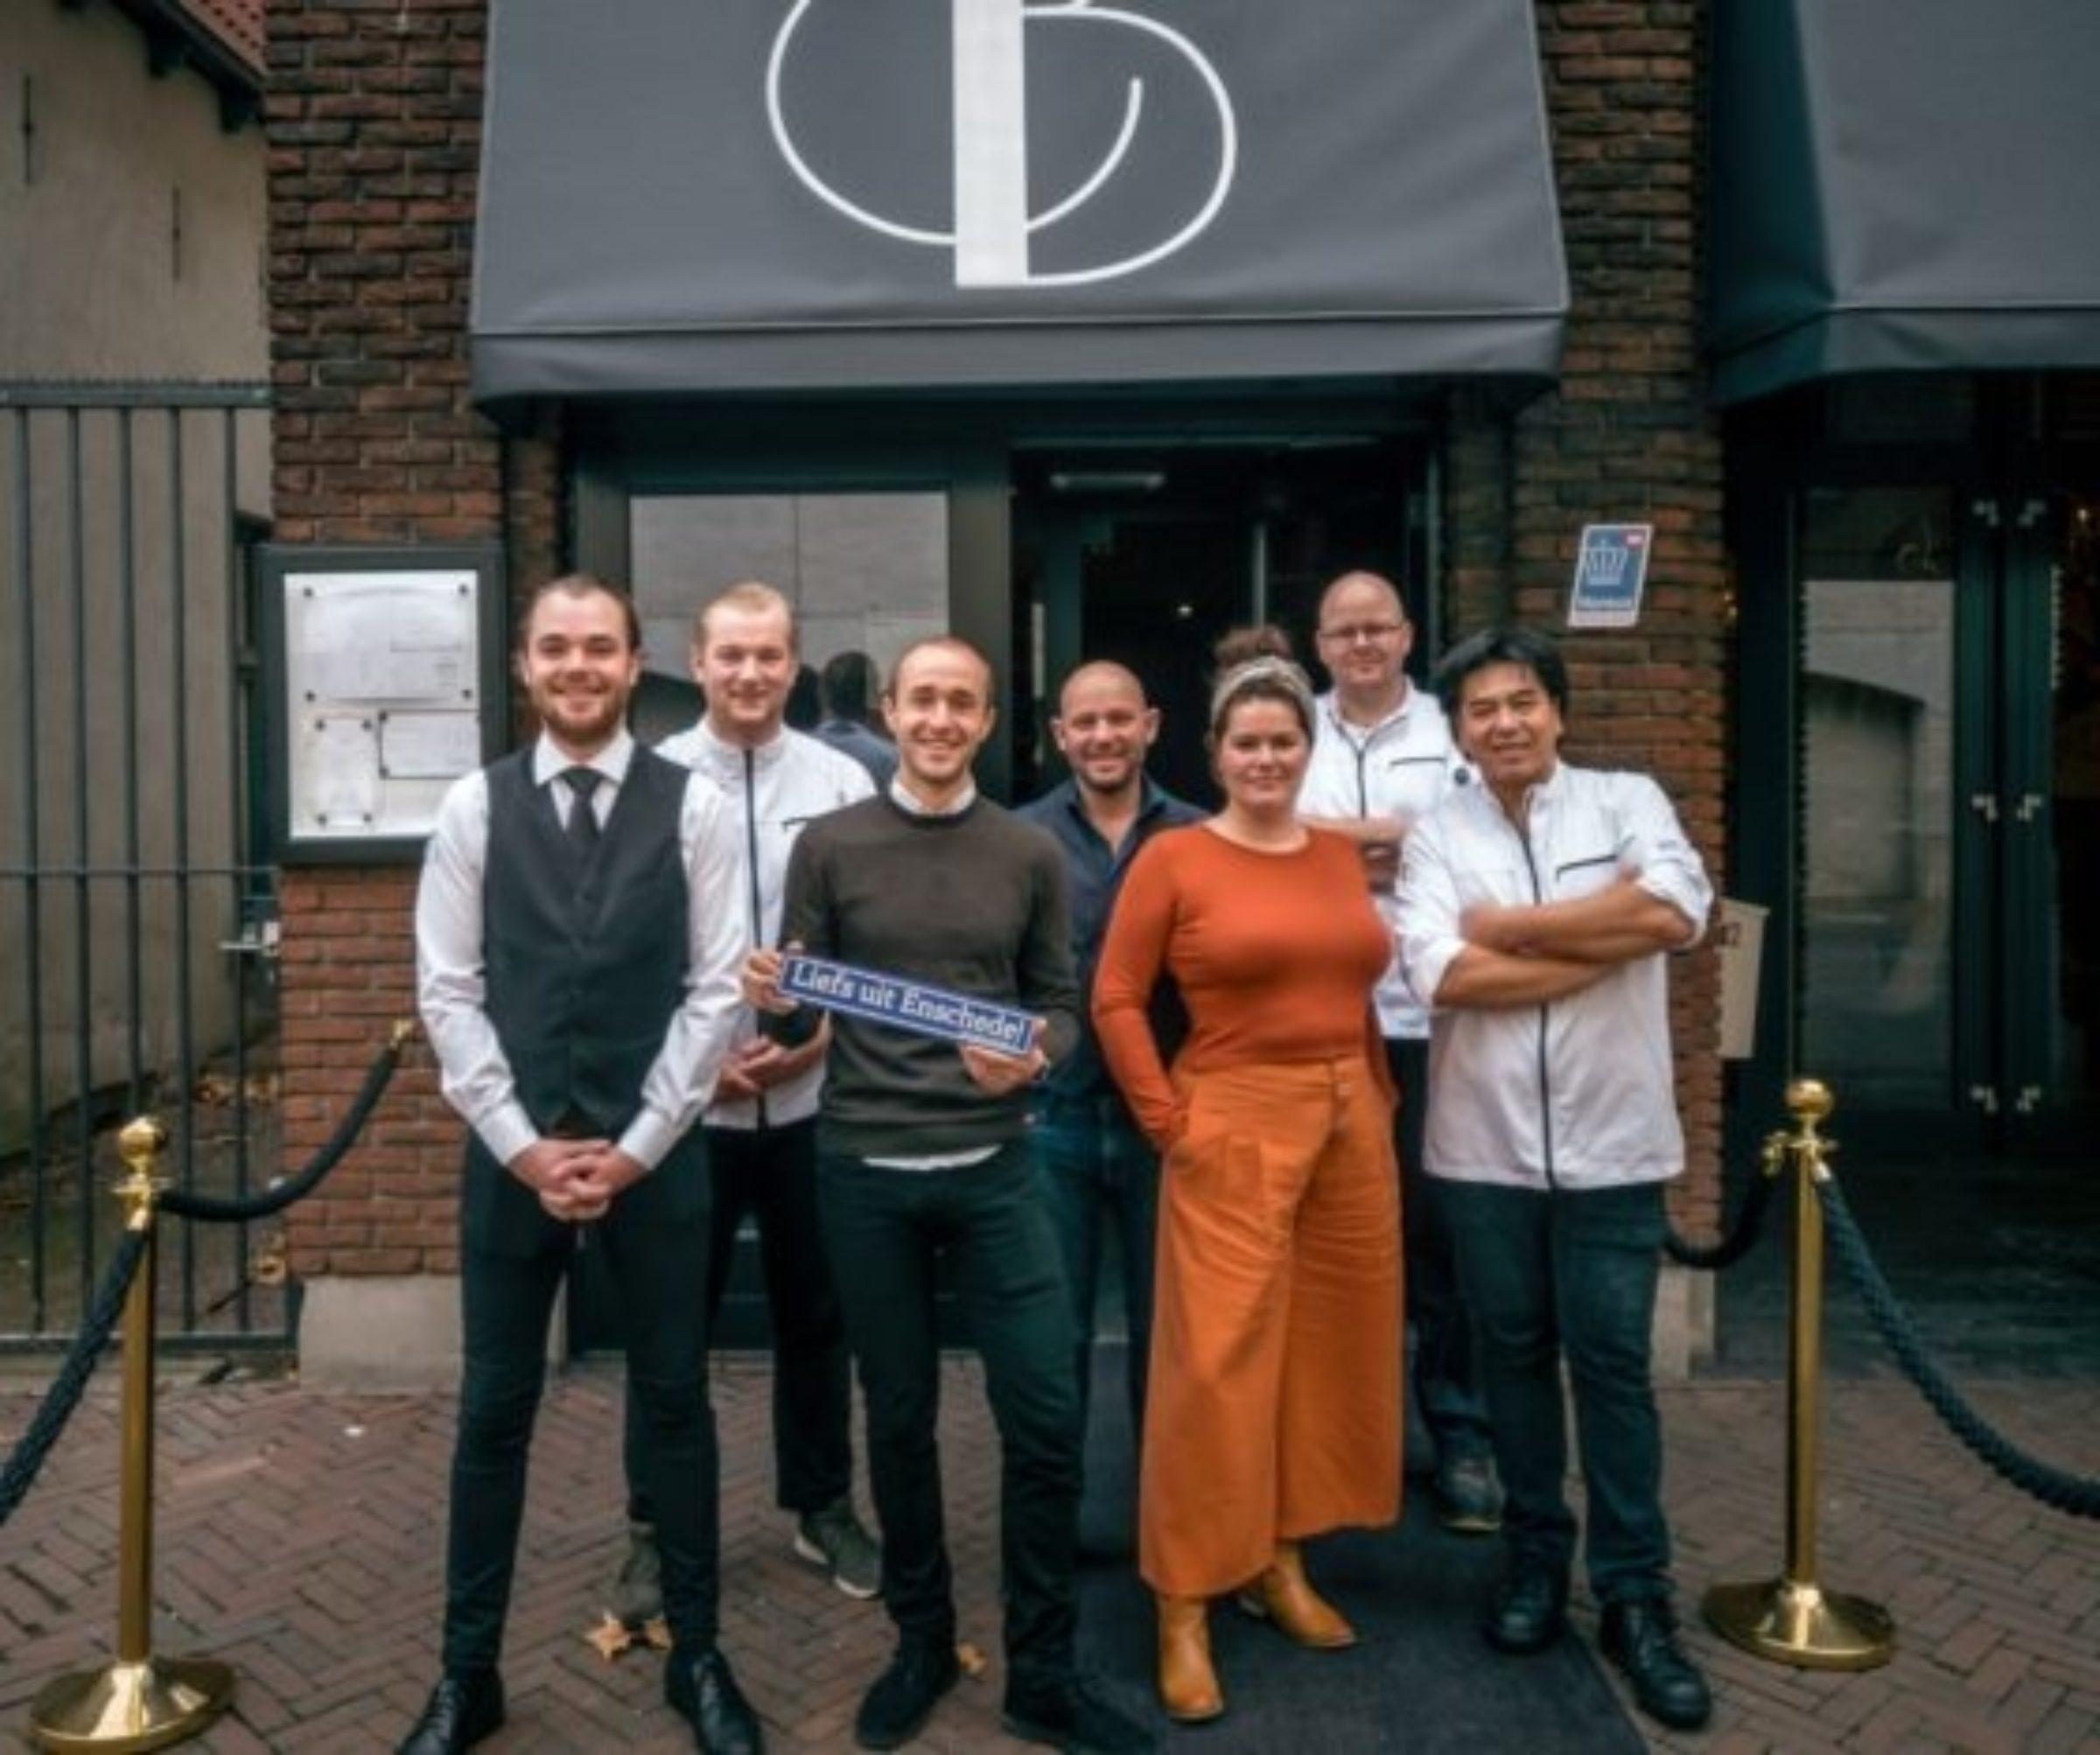 2019 Liefs Uit Enschede Bistro En Wijnbar Bruut